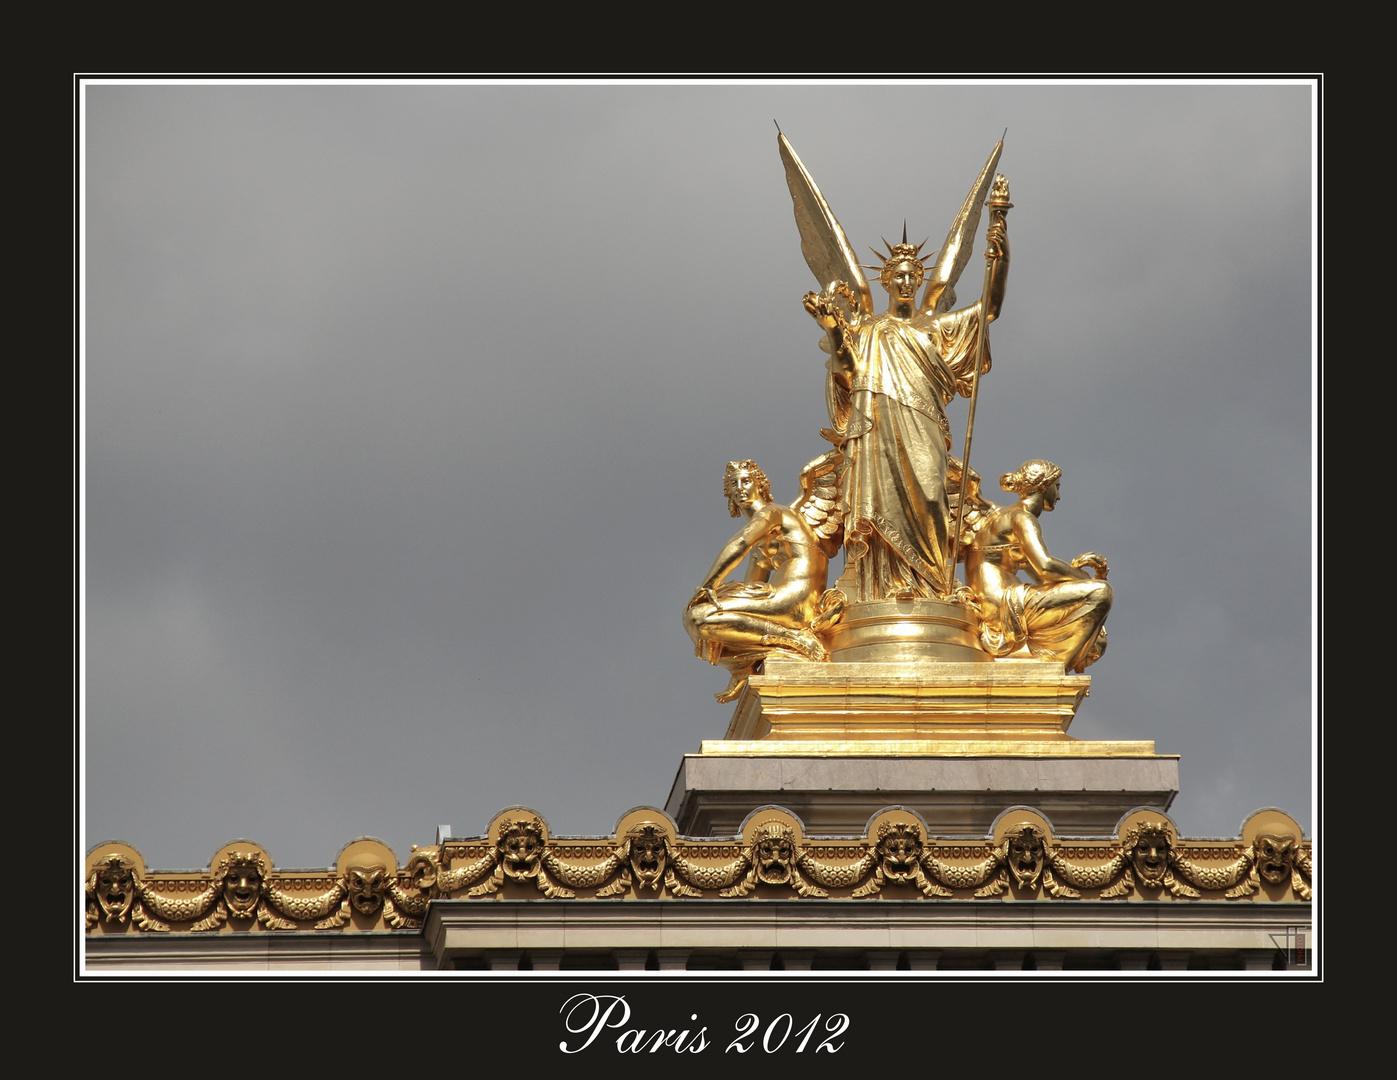 Paris 2012 2